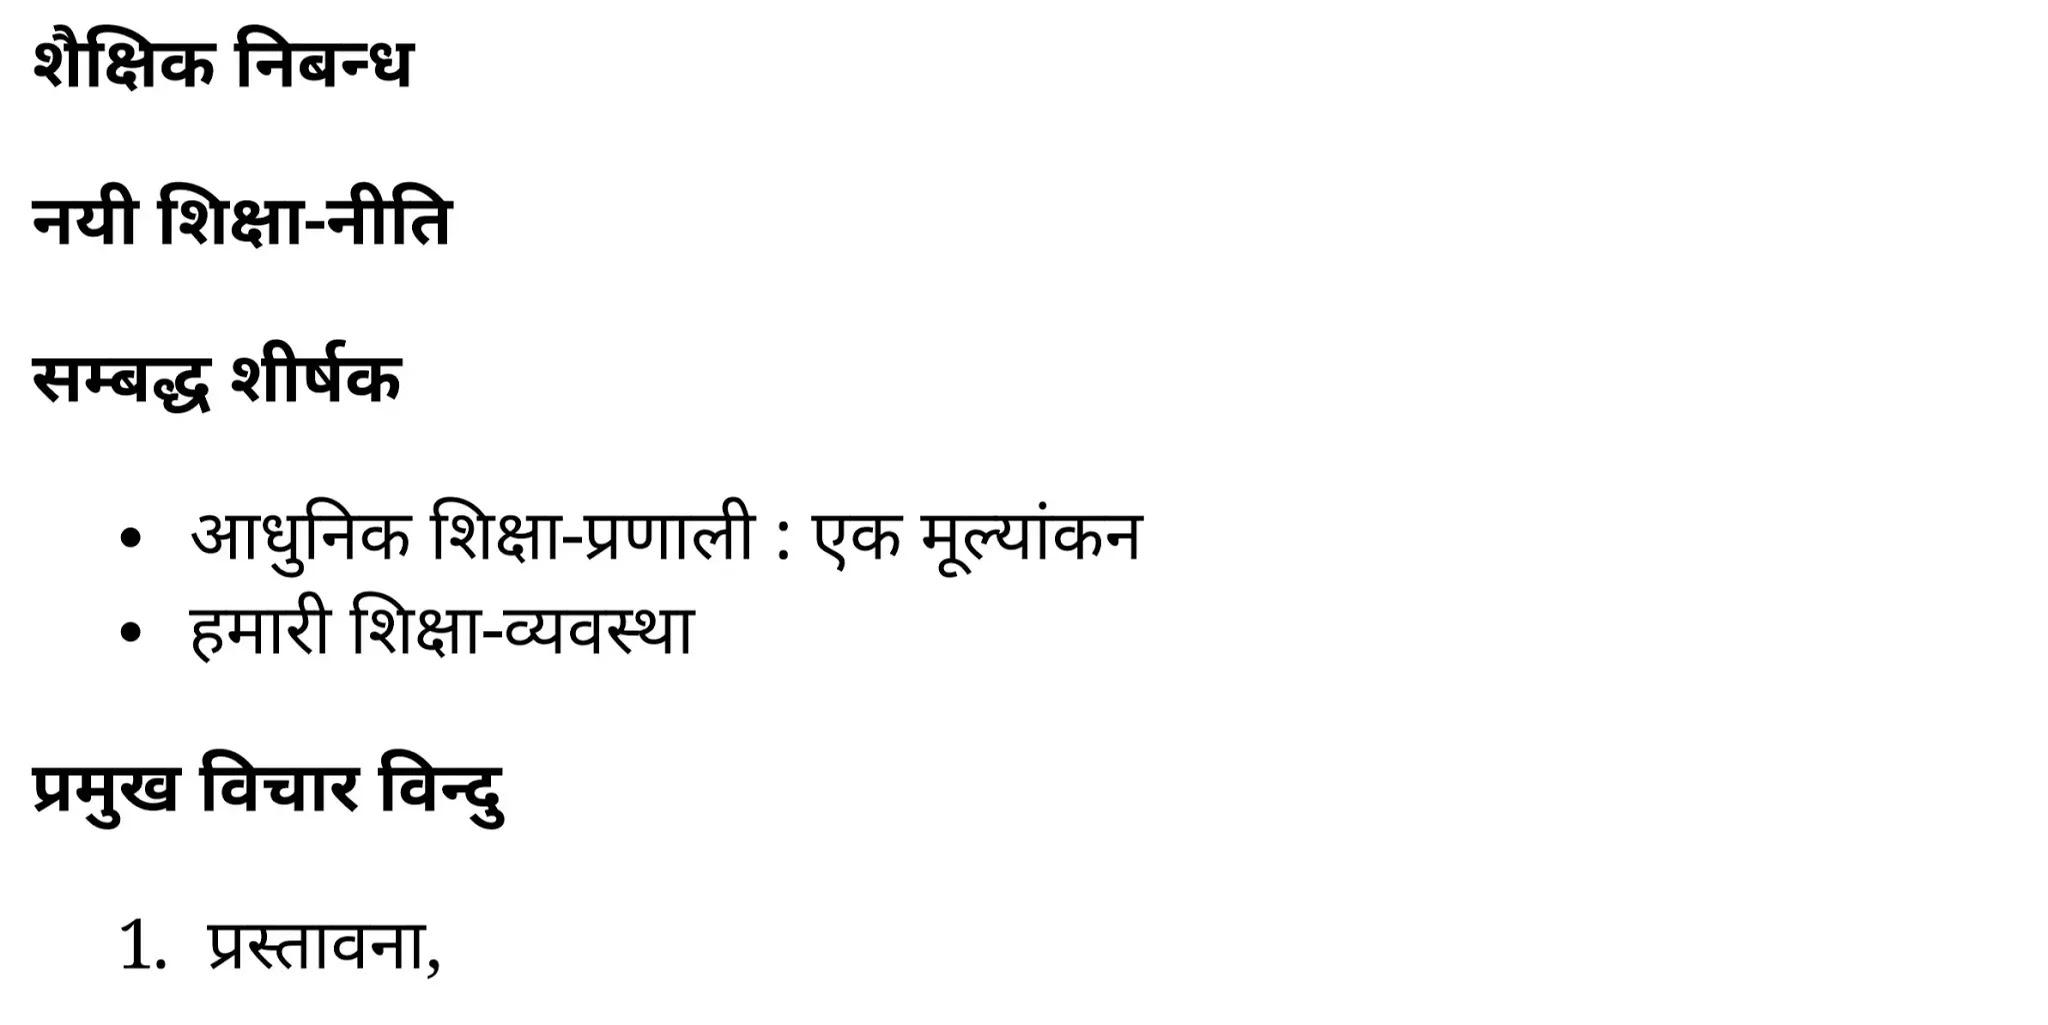 कक्षा 11 साहित्यिक हिंदीशैक्षिक निबंध  के नोट्स साहित्यिक हिंदी में एनसीईआरटी समाधान,   class 11 sahityik hindi shaikshik nibandh,  class 11 sahityik hindi shaikshik nibandh ncert solutions in sahityik hindi,  class 11 sahityik hindi shaikshik nibandh notes in sahityik hindi,  class 11 sahityik hindi shaikshik nibandh question answer,  class 11 sahityik hindi shaikshik nibandh notes,  11   class shaikshik nibandh in sahityik hindi,  class 11 sahityik hindi shaikshik nibandh in sahityik hindi,  class 11 sahityik hindi shaikshik nibandh important questions in sahityik hindi,  class 11 sahityik hindi  shaikshik nibandh notes in sahityik hindi,  class 11 sahityik hindi shaikshik nibandh test,  class 11 sahityik hindi shaikshik nibandh pdf,  class 11 sahityik hindi shaikshik nibandh notes pdf,  class 11 sahityik hindi shaikshik nibandh exercise solutions,  class 11 sahityik hindi shaikshik nibandh, class 11 sahityik hindi shaikshik nibandh notes study rankers,  class 11 sahityik hindi shaikshik nibandh notes,  class 11 sahityik hindi  shaikshik nibandh notes,   shaikshik nibandh 11  notes pdf, shaikshik nibandh class 11  notes  ncert,  shaikshik nibandh class 11 pdf,   shaikshik nibandh  book,    shaikshik nibandh quiz class 11  ,       11  th shaikshik nibandh    book up board,       up board 11  th shaikshik nibandh notes,  कक्षा 11 साहित्यिक हिंदीशैक्षिक निबंध , कक्षा 11 साहित्यिक हिंदी का शैक्षिक निबंध , कक्षा 11 साहित्यिक हिंदी के शैक्षिक निबंध  के नोट्स हिंदी में, कक्षा 11 का साहित्यिक हिंदीशैक्षिक निबंध का प्रश्न उत्तर, कक्षा 11 साहित्यिक हिंदीशैक्षिक निबंध के नोट्स, 11 कक्षा साहित्यिक हिंदीशैक्षिक निबंध   साहित्यिक हिंदी में, कक्षा 11 साहित्यिक हिंदीशैक्षिक निबंध हिंदी में, कक्षा 11 साहित्यिक हिंदीशैक्षिक निबंध  महत्वपूर्ण प्रश्न हिंदी में, कक्षा 11 के साहित्यिक हिंदी के नोट्स हिंदी में,साहित्यिक हिंदी कक्षा 11 नोट्स pdf,  साहित्यिक हिंदी  कक्षा 11 नोट्स 2021 ncert,  साहित्यिक हिंदी  कक्षा 11 pdf,  साहित्यिक हिंदी  पुस्तक,  साहित्यिक हिंदी की बुक,  साहित्यिक हिंद